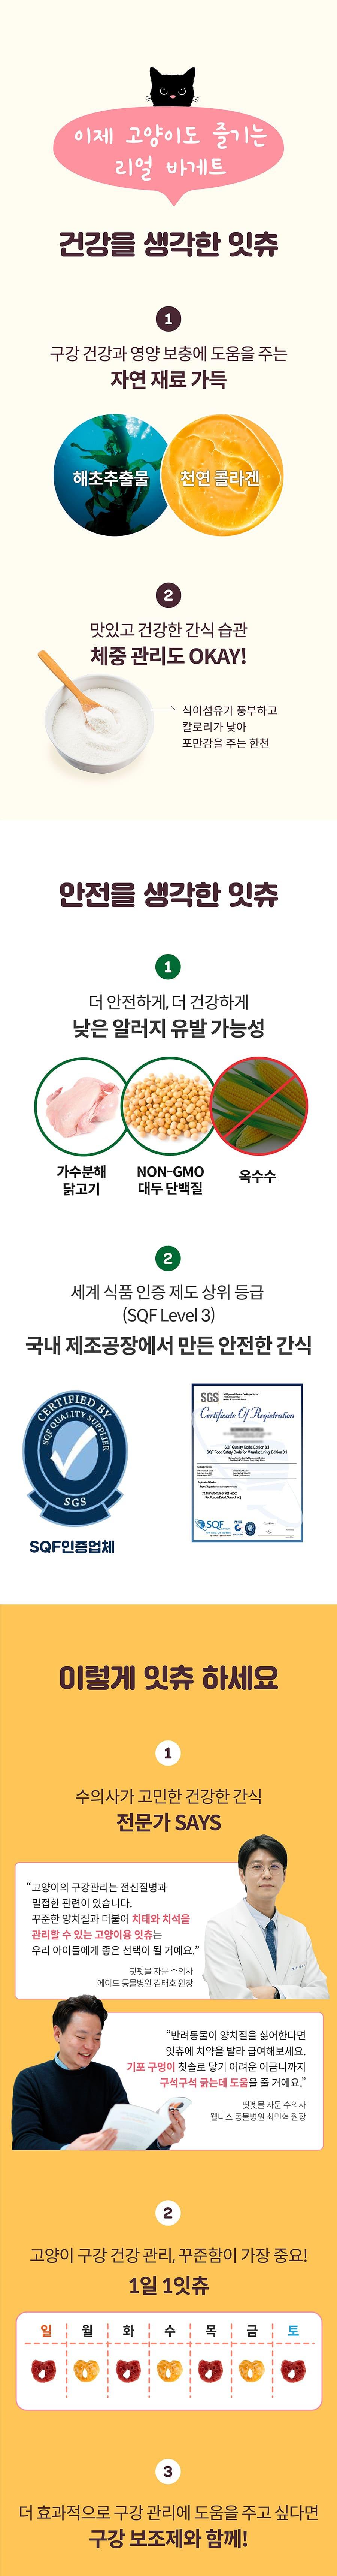 it 더 잇츄 캣 미니 (흰살생선&크랜베리/참치&파인애플)-상품이미지-17